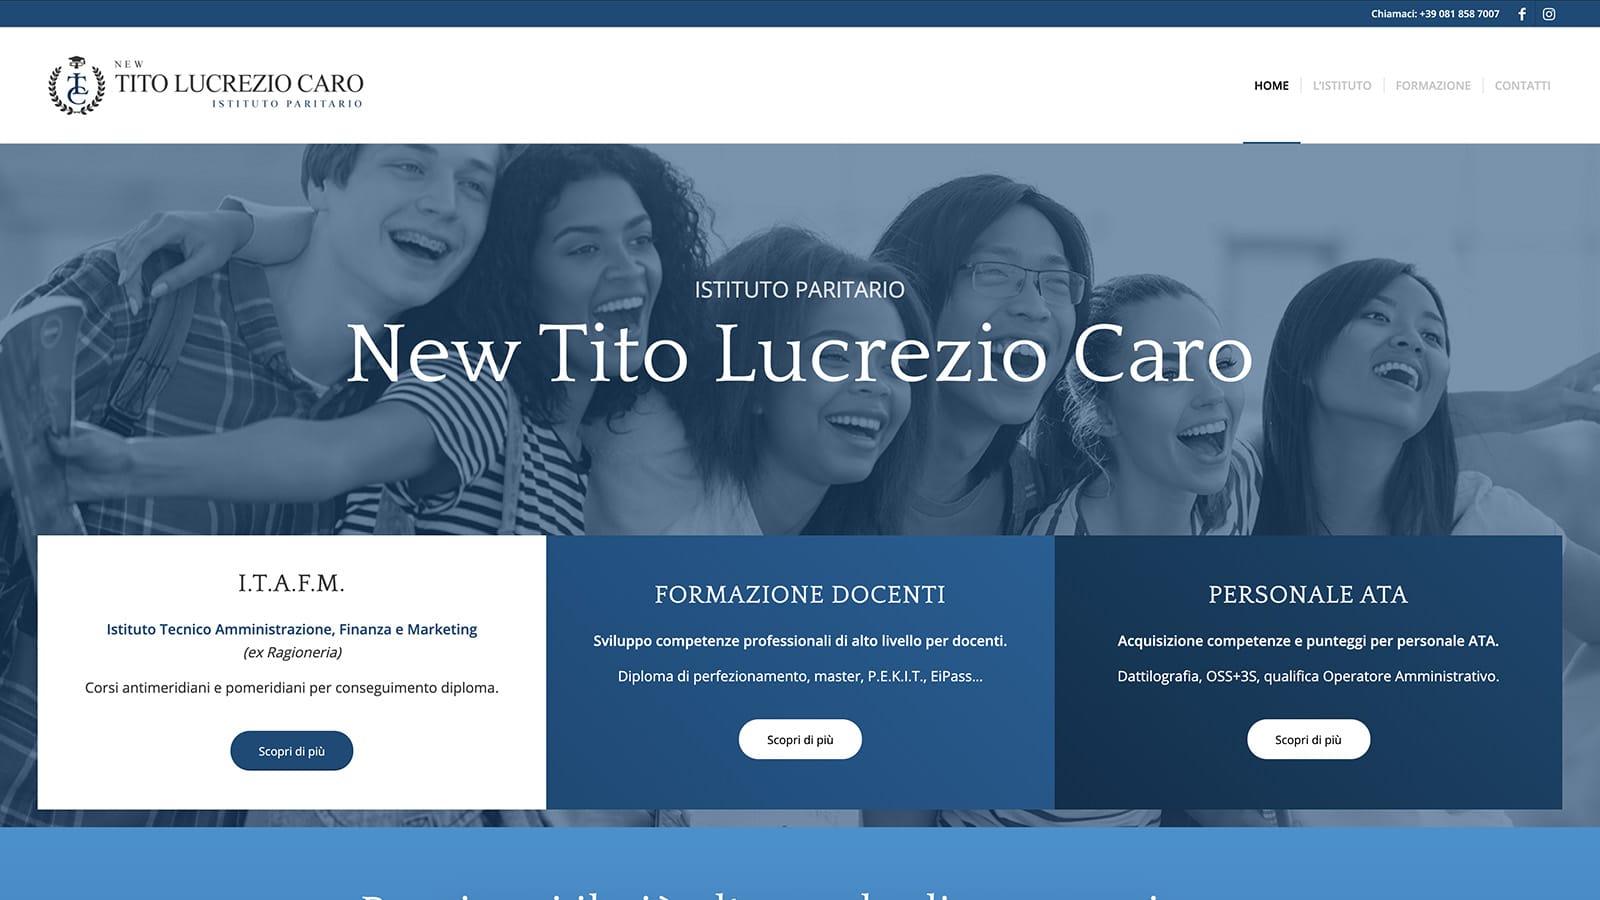 Istituto New Tito Lucrezio Caro